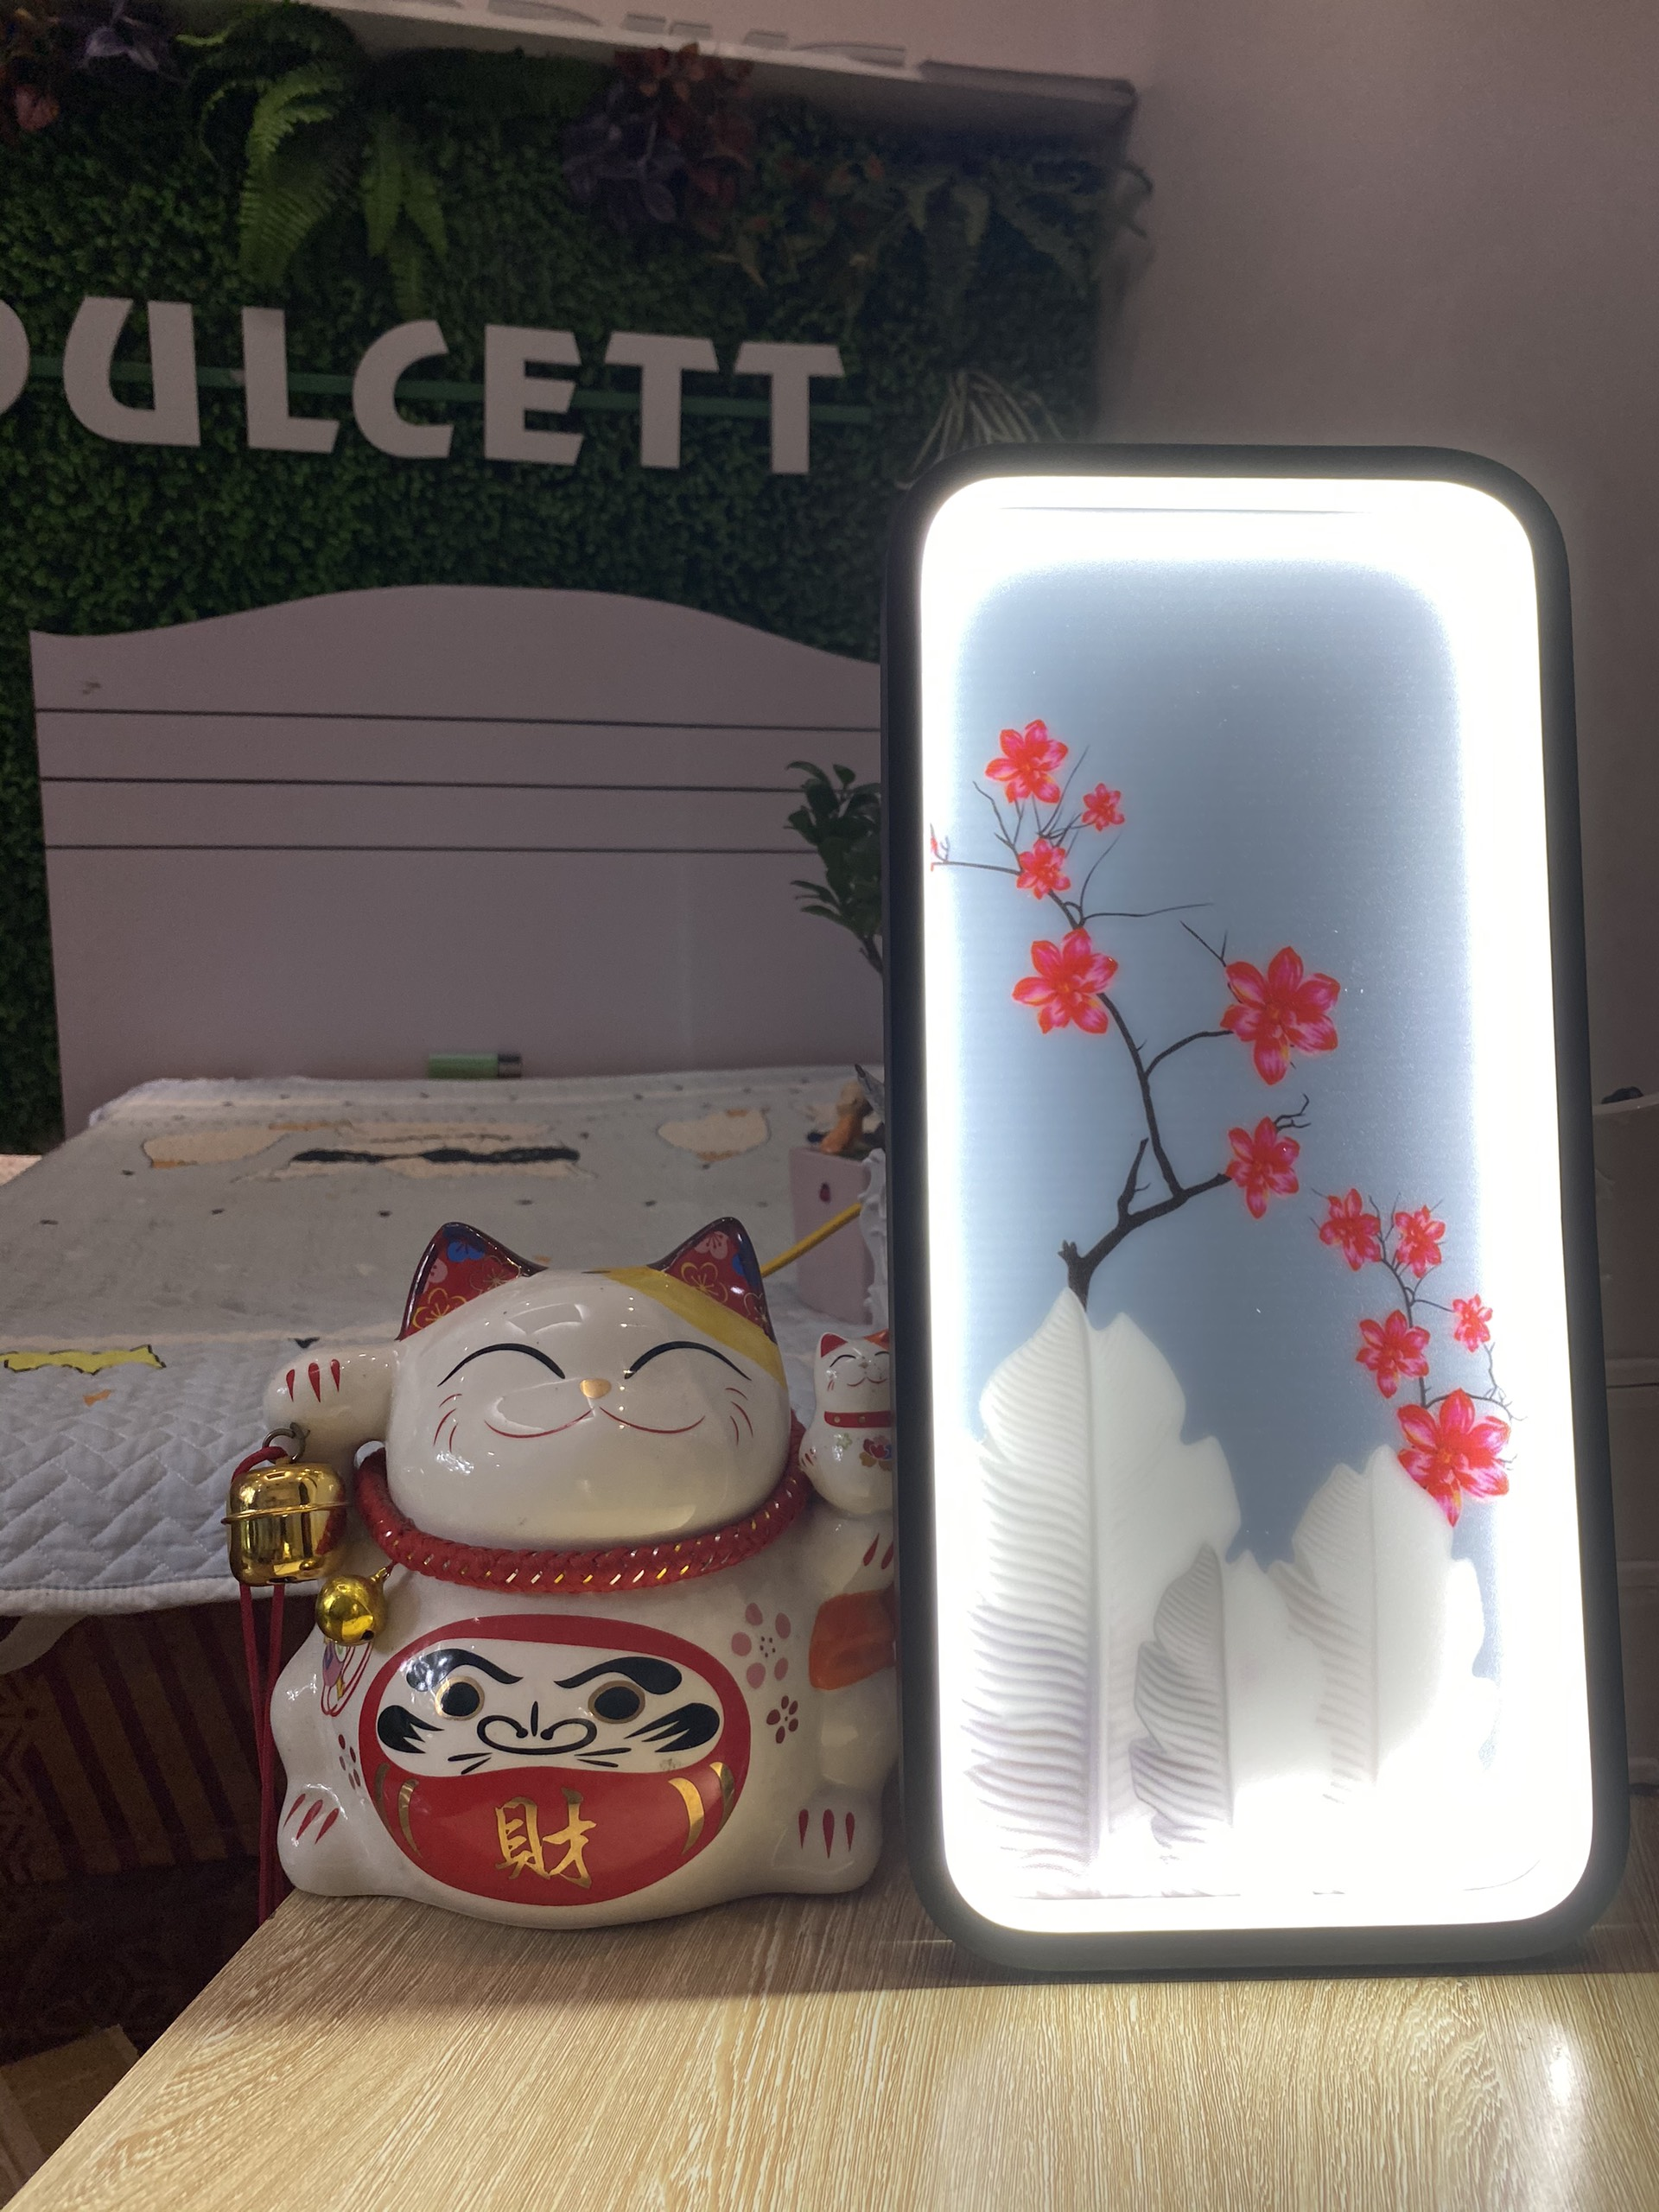 Đèn Led Tranh Gắn Tường - DGT06- Đèn LEd Tranh Trang Trí. Đèn tranh trang trí treo tường là những mẫu đèn có kết cấu đơn giản, kiểu dáng thiết kế độc đáo, nhỏ gọn.